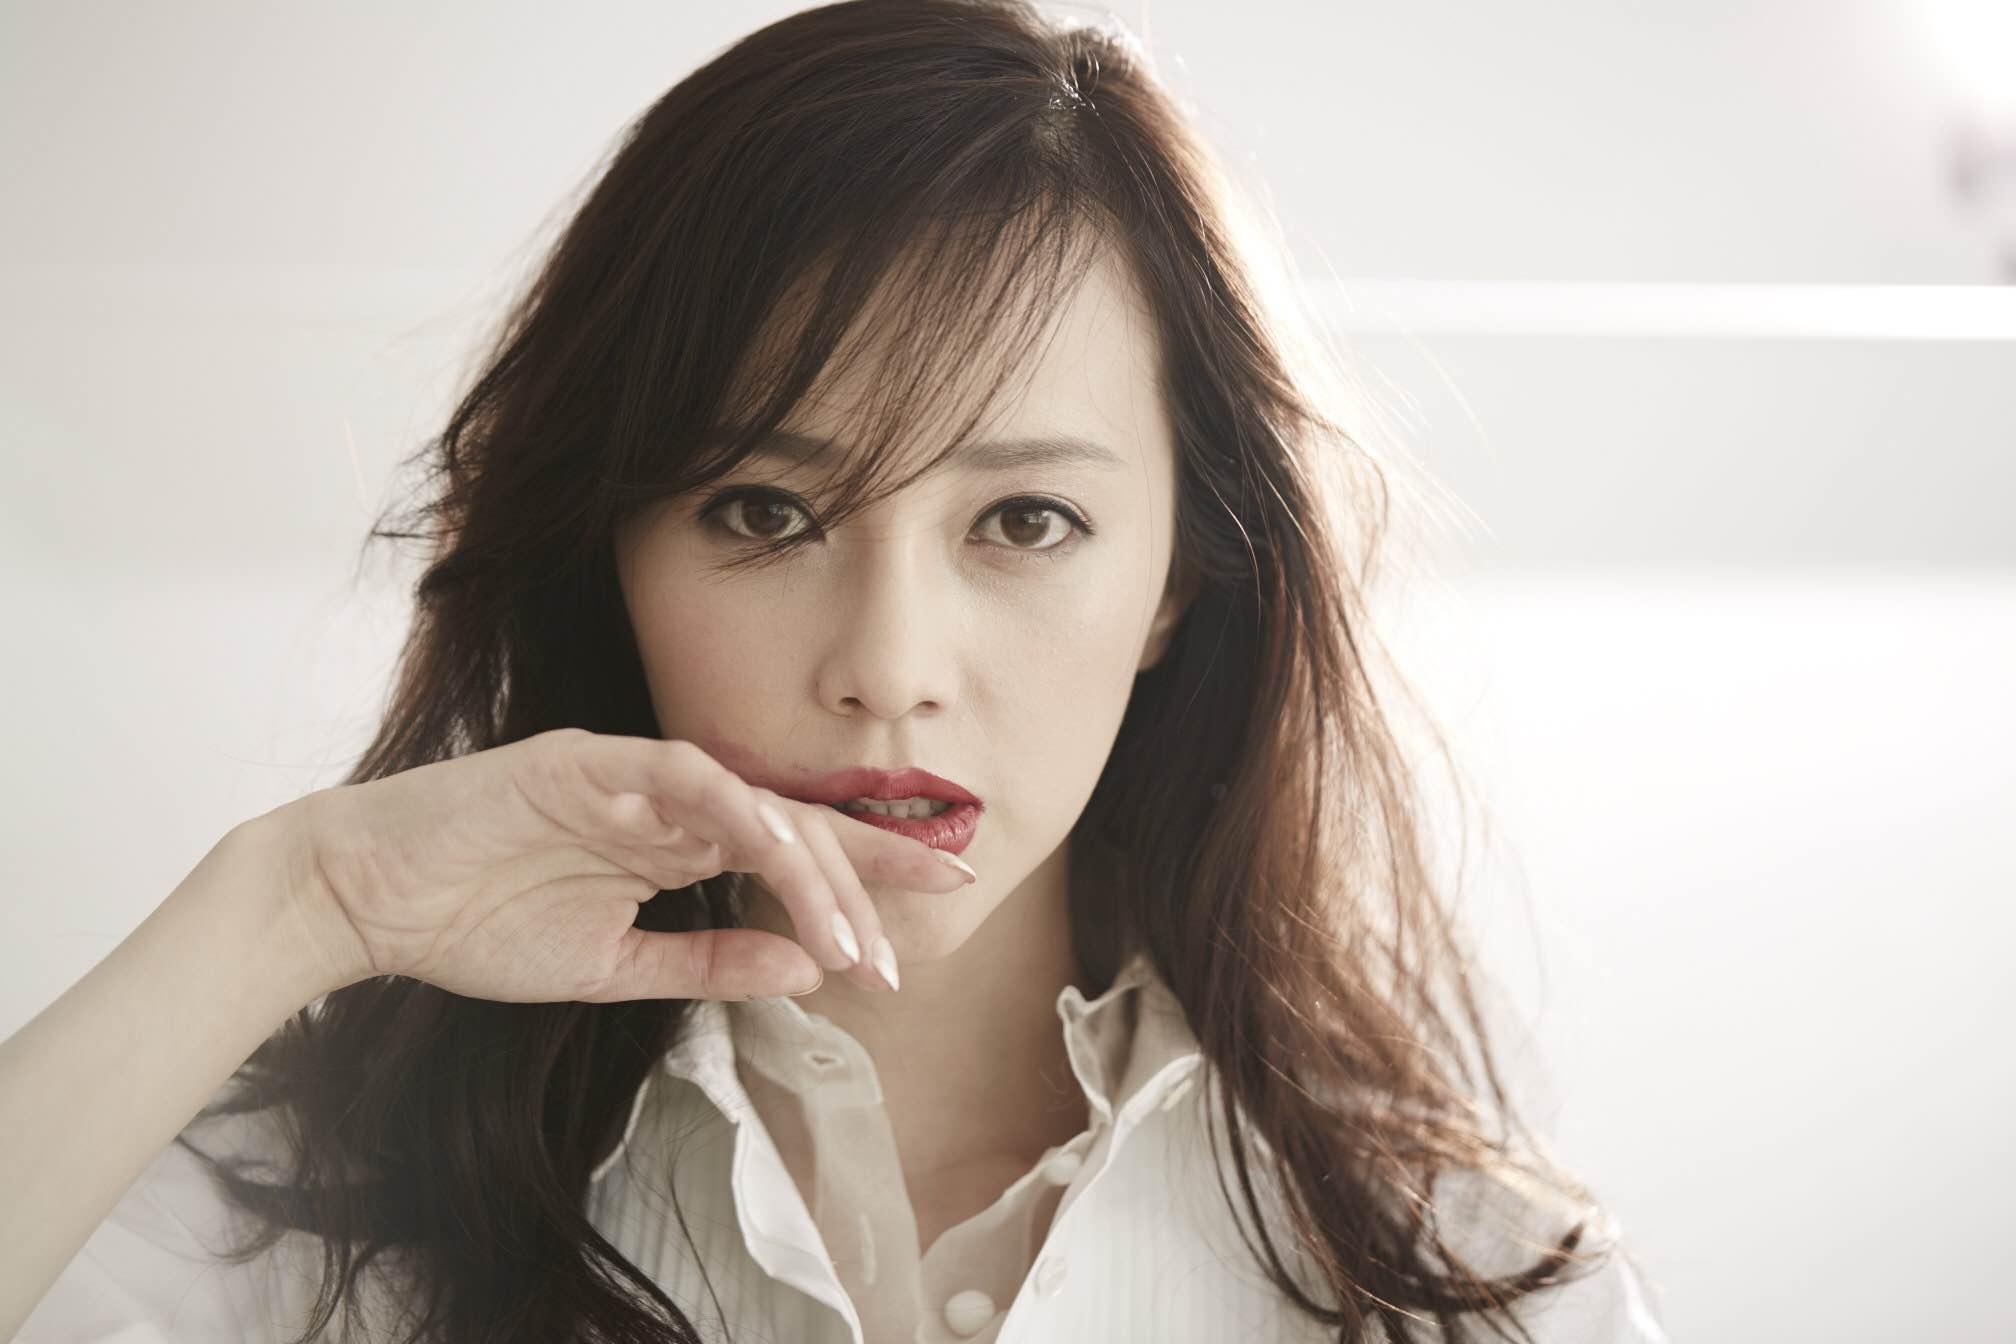 元ICONIQ・伊藤ゆみが俳優・大谷亮平との関係明かし、今田耕司が直球質問。「付き合ってたんじゃないの?」